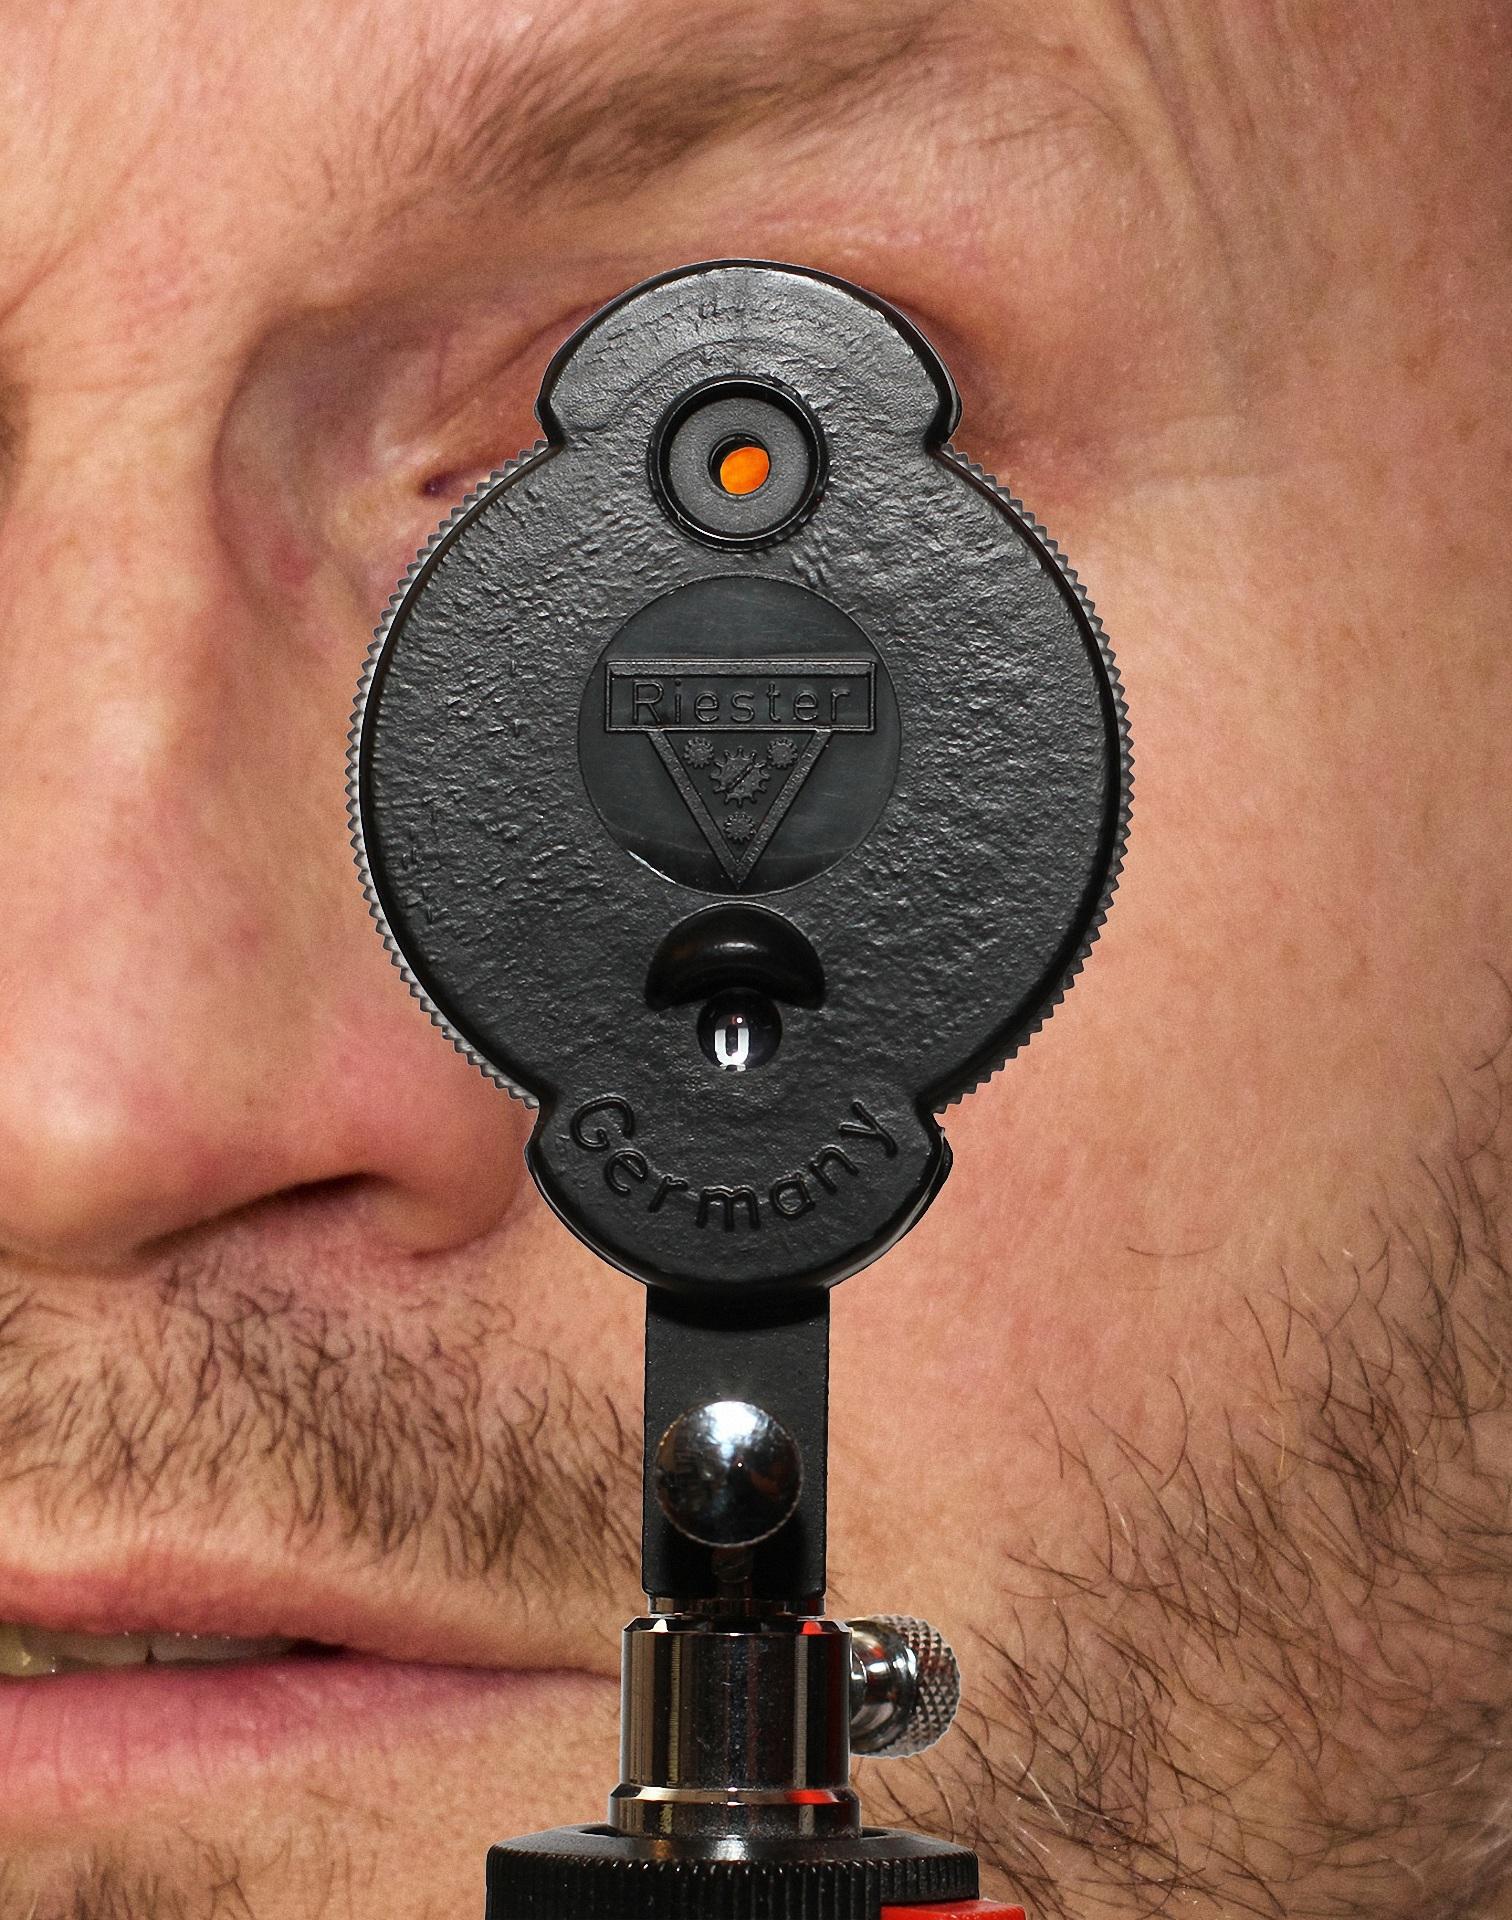 Eye background investigation medical eye